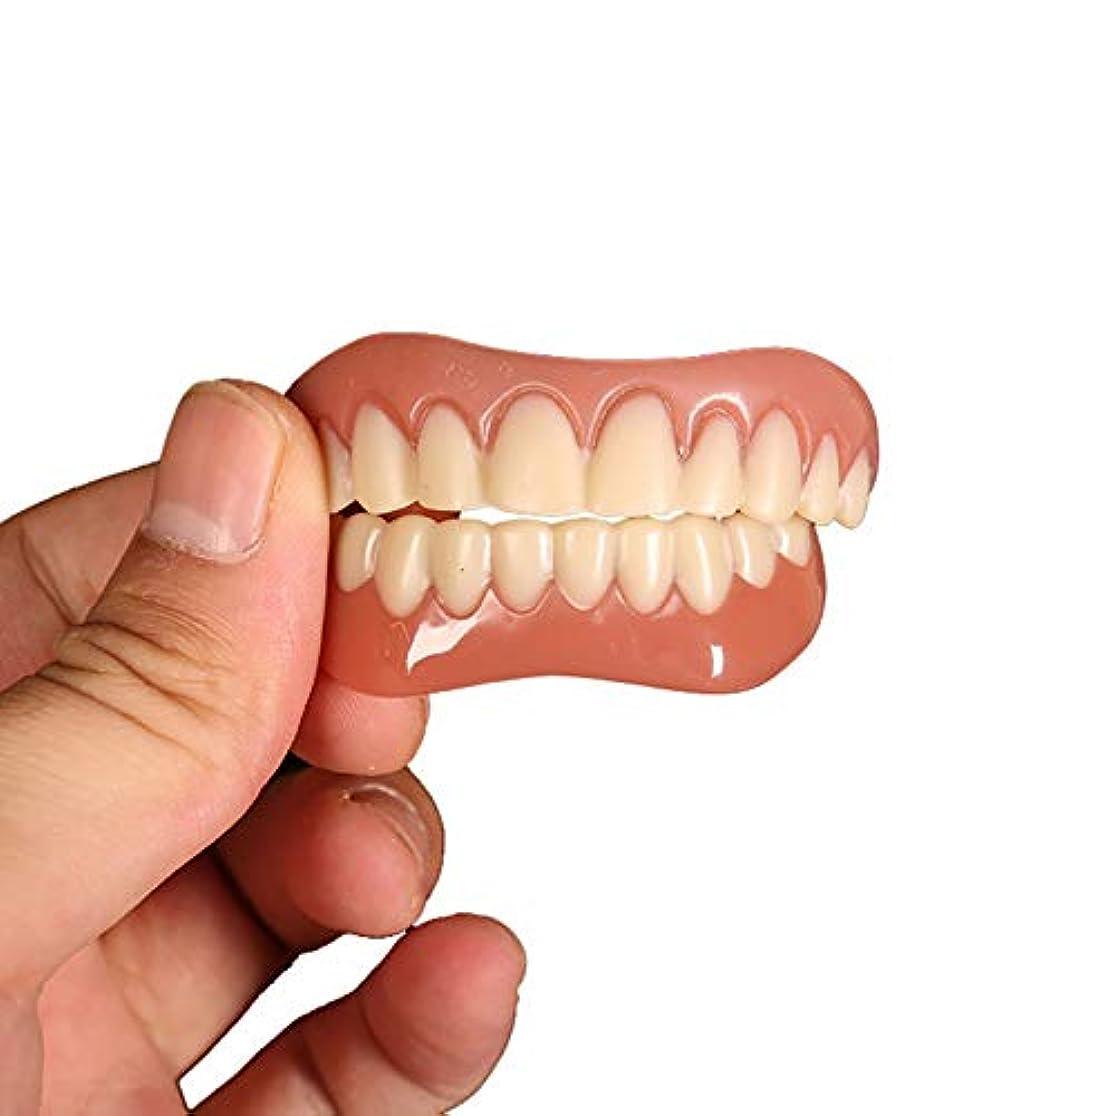 合唱団欲望勝者歯科用化粧板の快適さフィット歯の上部と底部化粧品の化粧板単サイズはすべての義歯接着剤の歯に入れます偽の義歯歯の笑顔